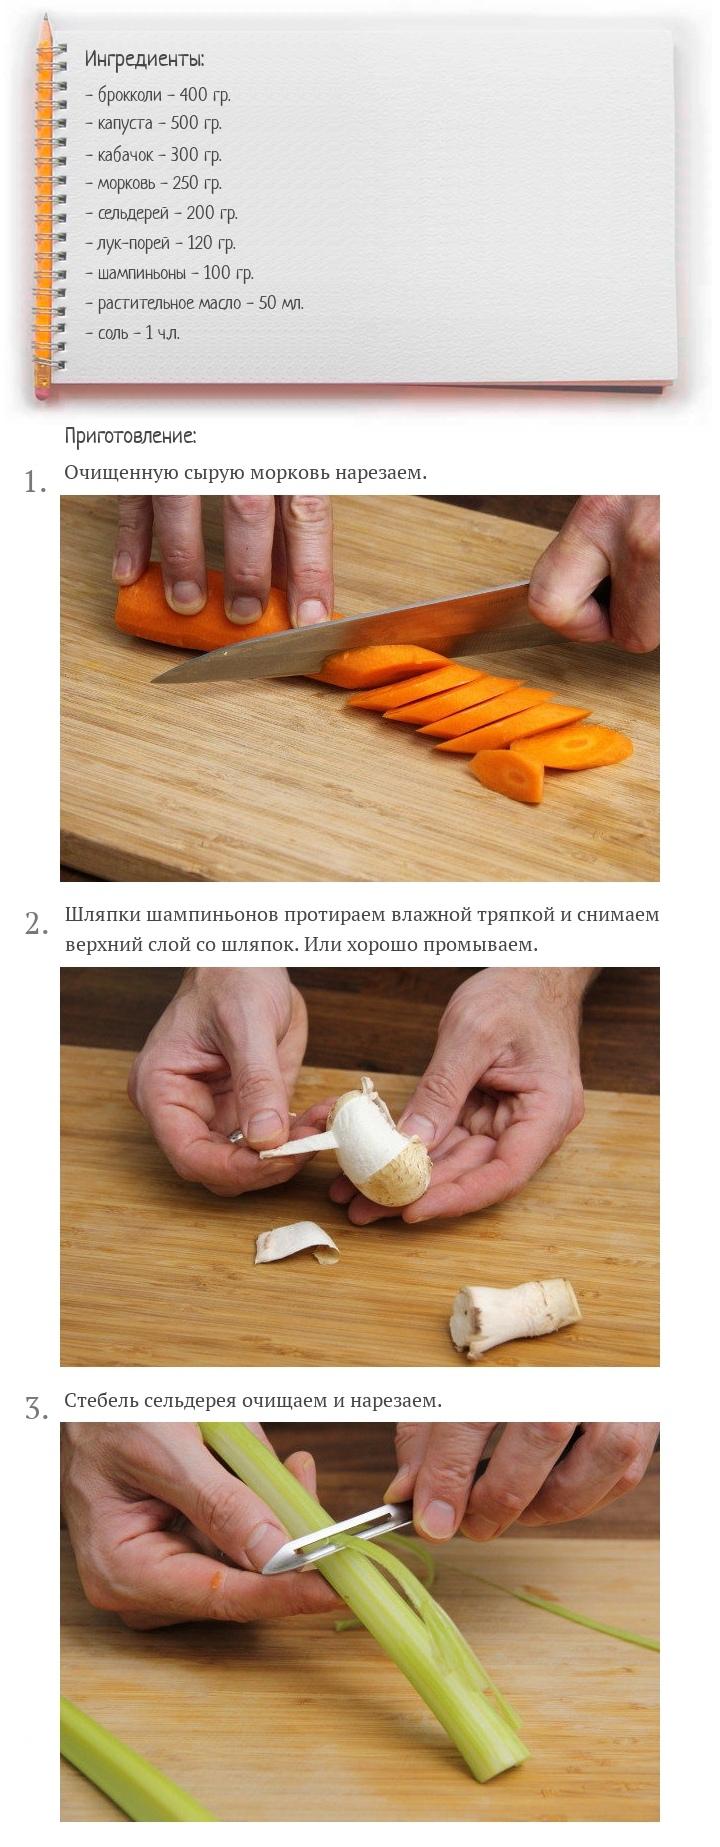 Тушеные овощи с шампиньонами, изображение №2